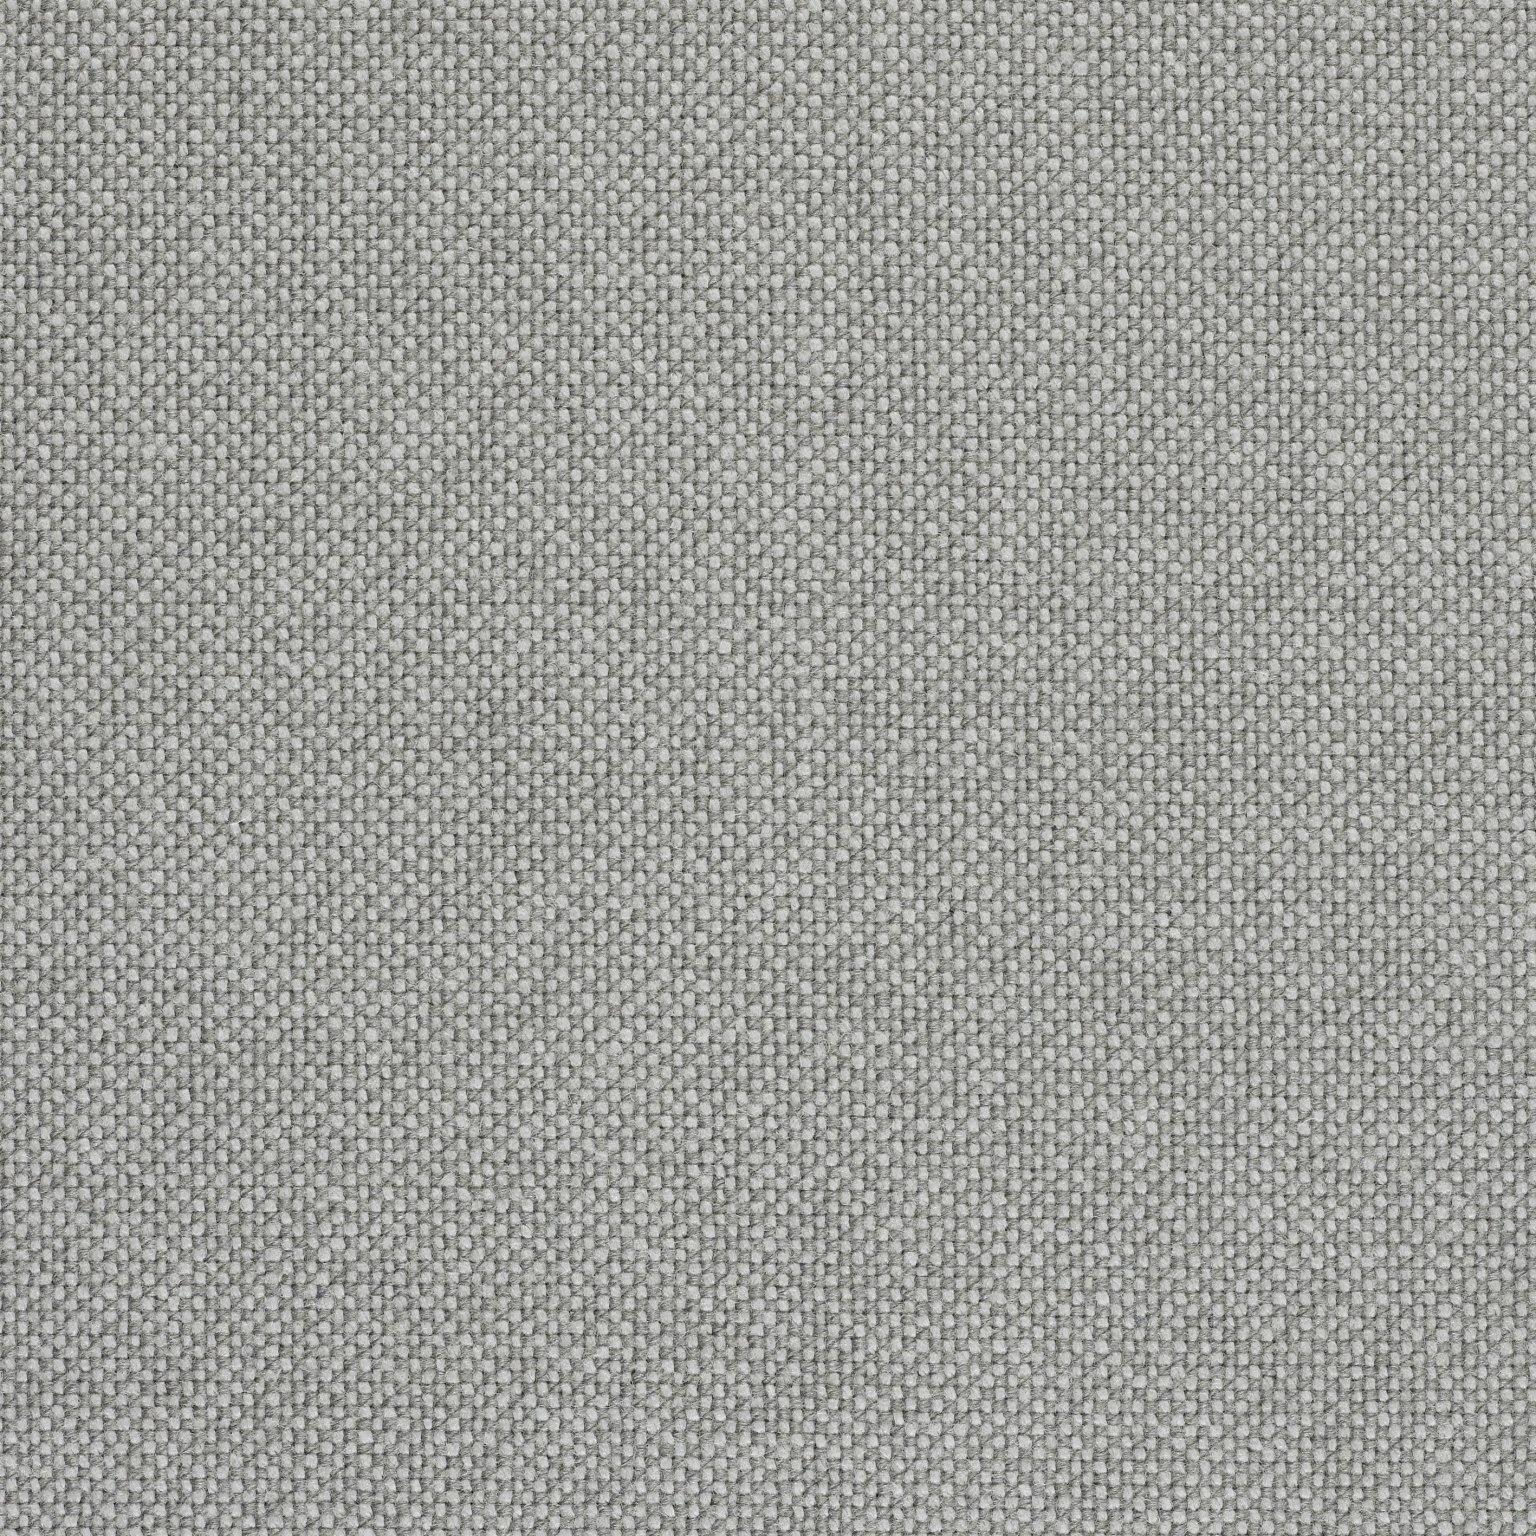 grå hallingdal 65 - 123-0